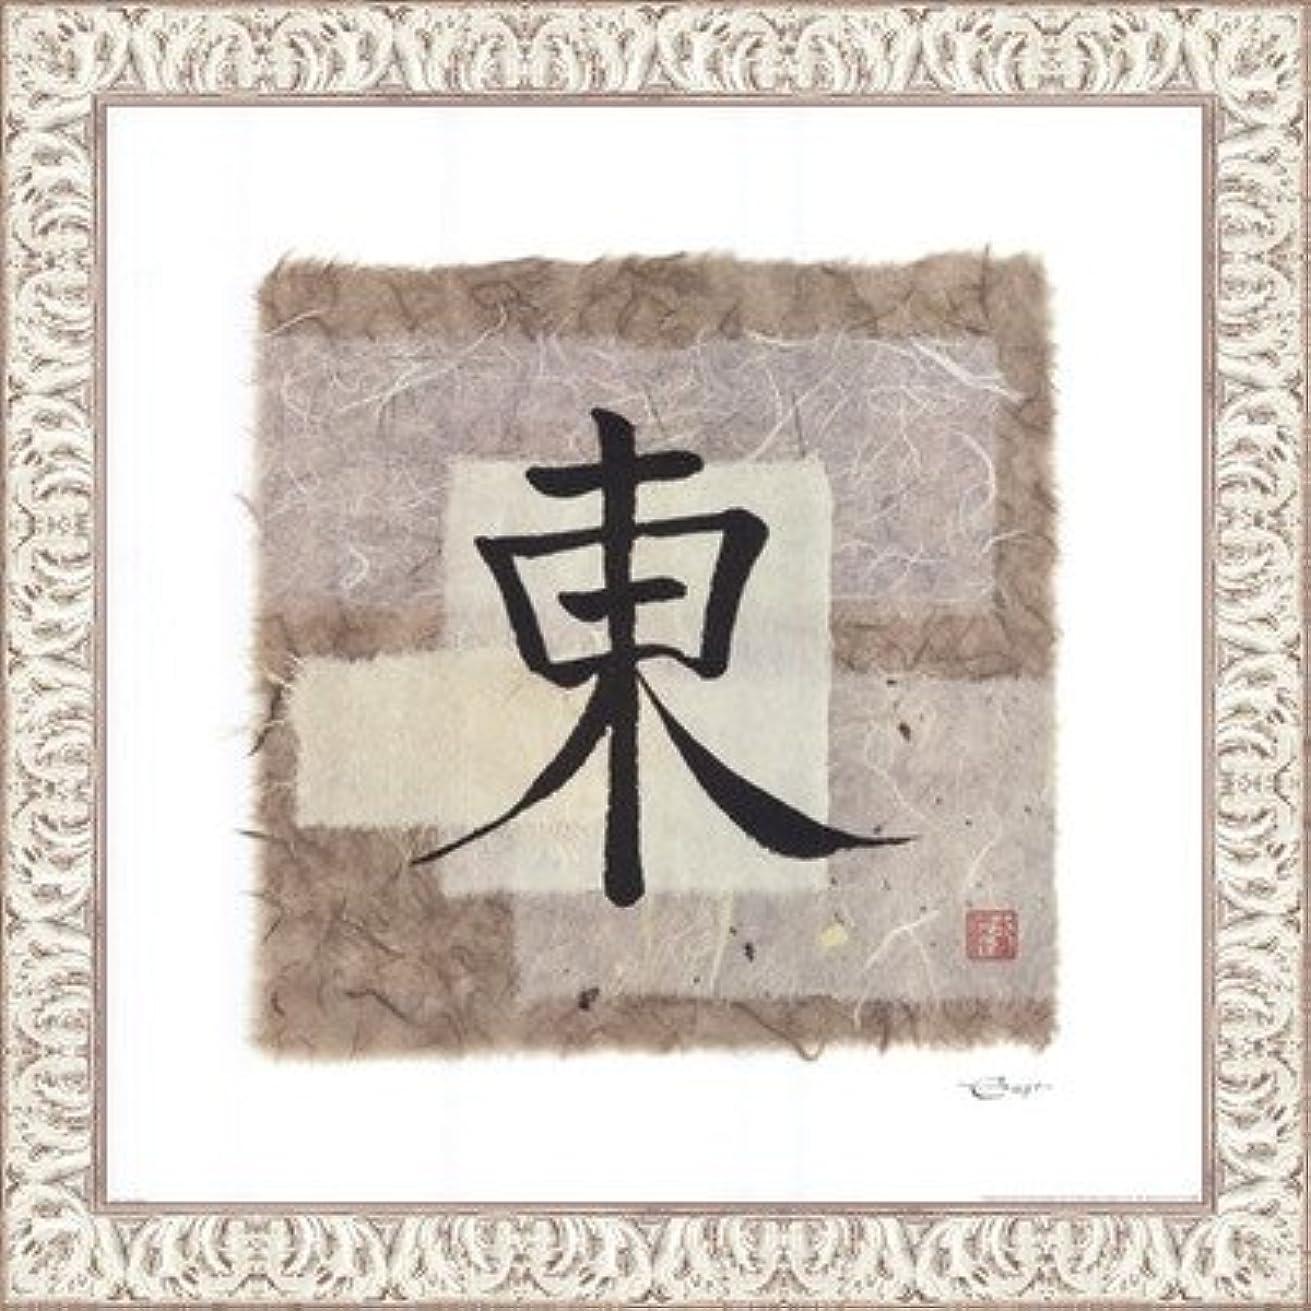 余韻バイナリバスタブEast Wind by Chris Paschke – 14 x 14インチ – アートプリントポスター LE_45839-F9711-14x14